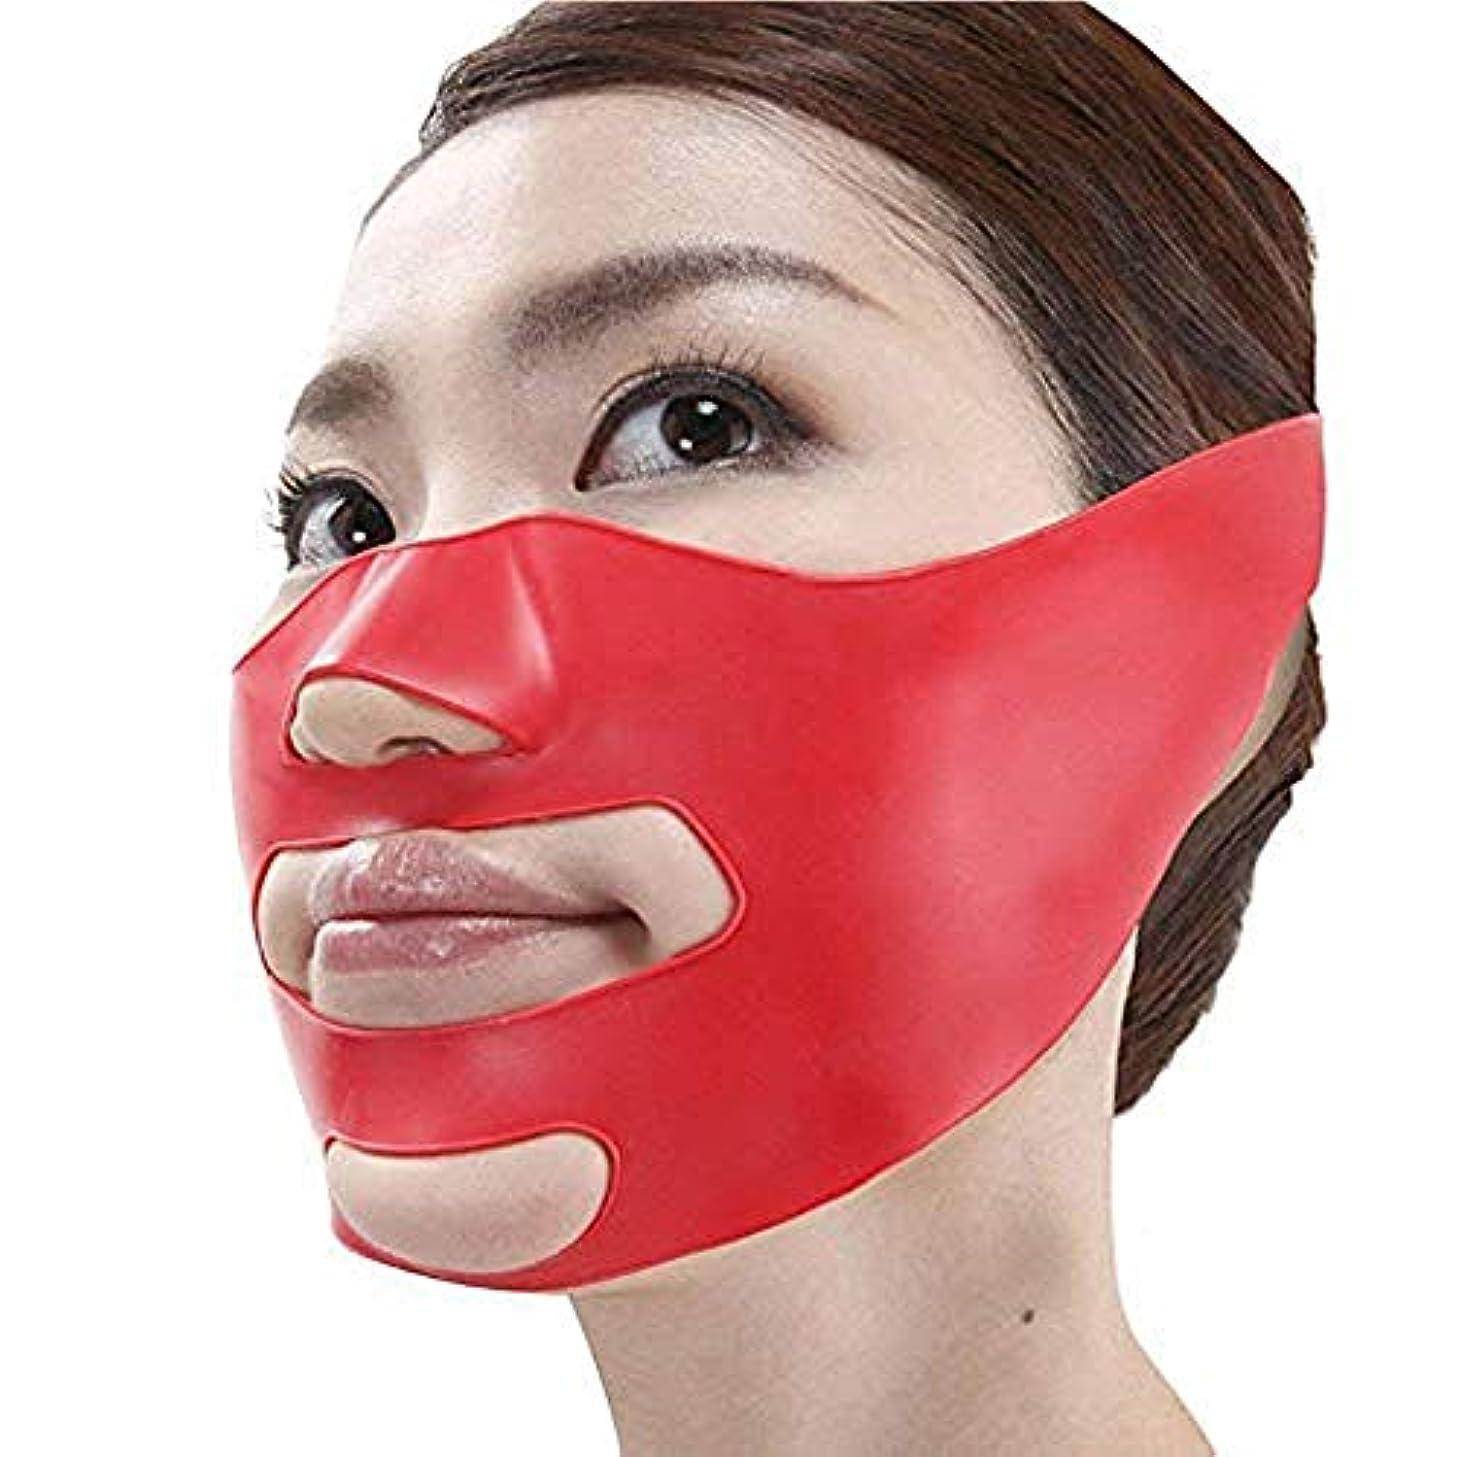 移動するいたずらビタミンMilent 小顔矯正 マスク 小顔補正ベルト ほうれい線 リフトスリムマスク 3Dエクササイズマスク 法令線予防 抗シワ サウナマスク 美顔 フリーサイズ